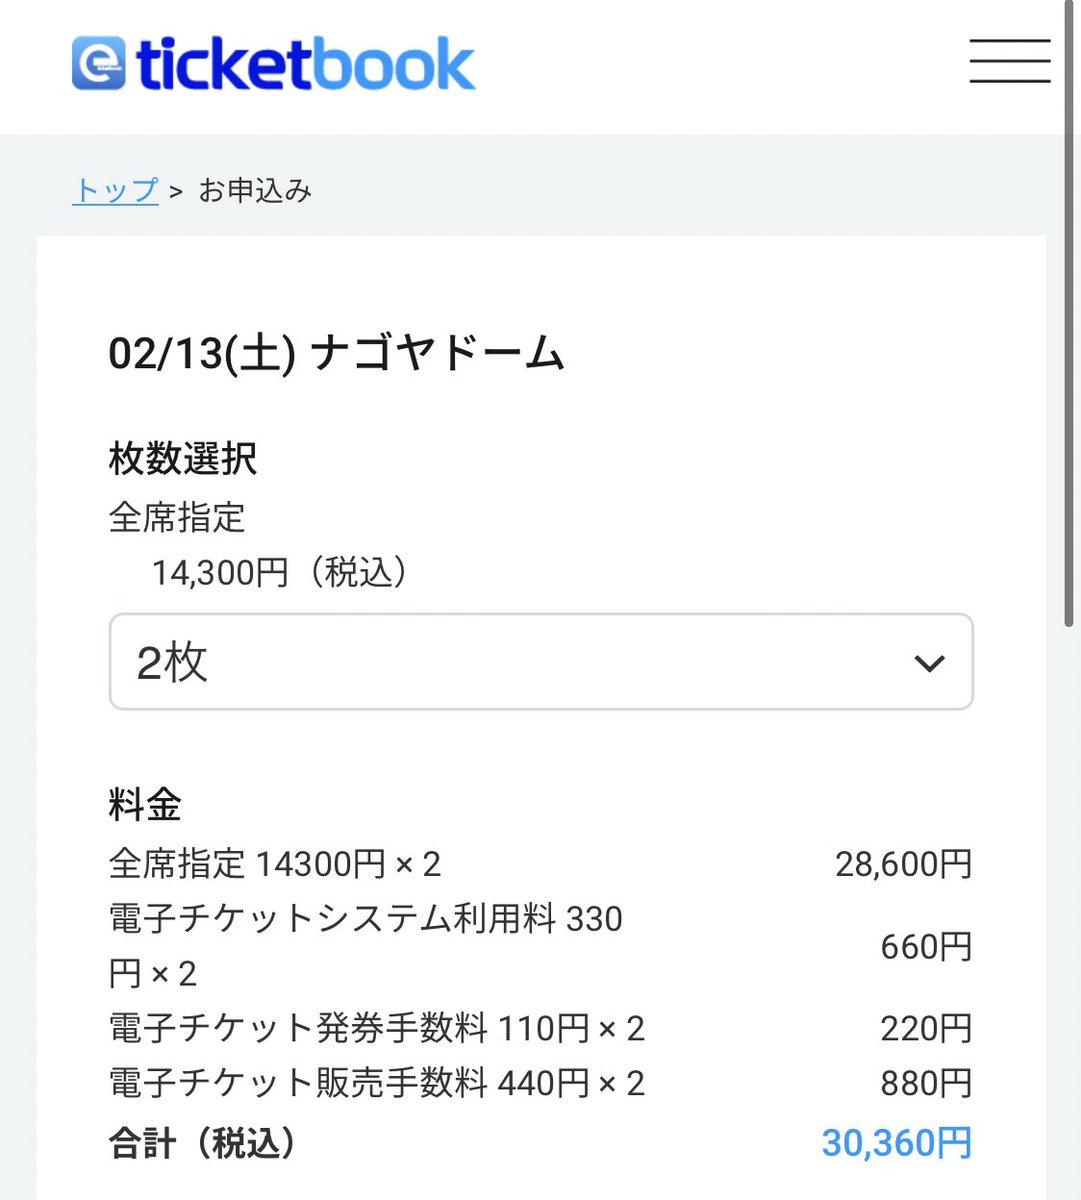 ブック チケット